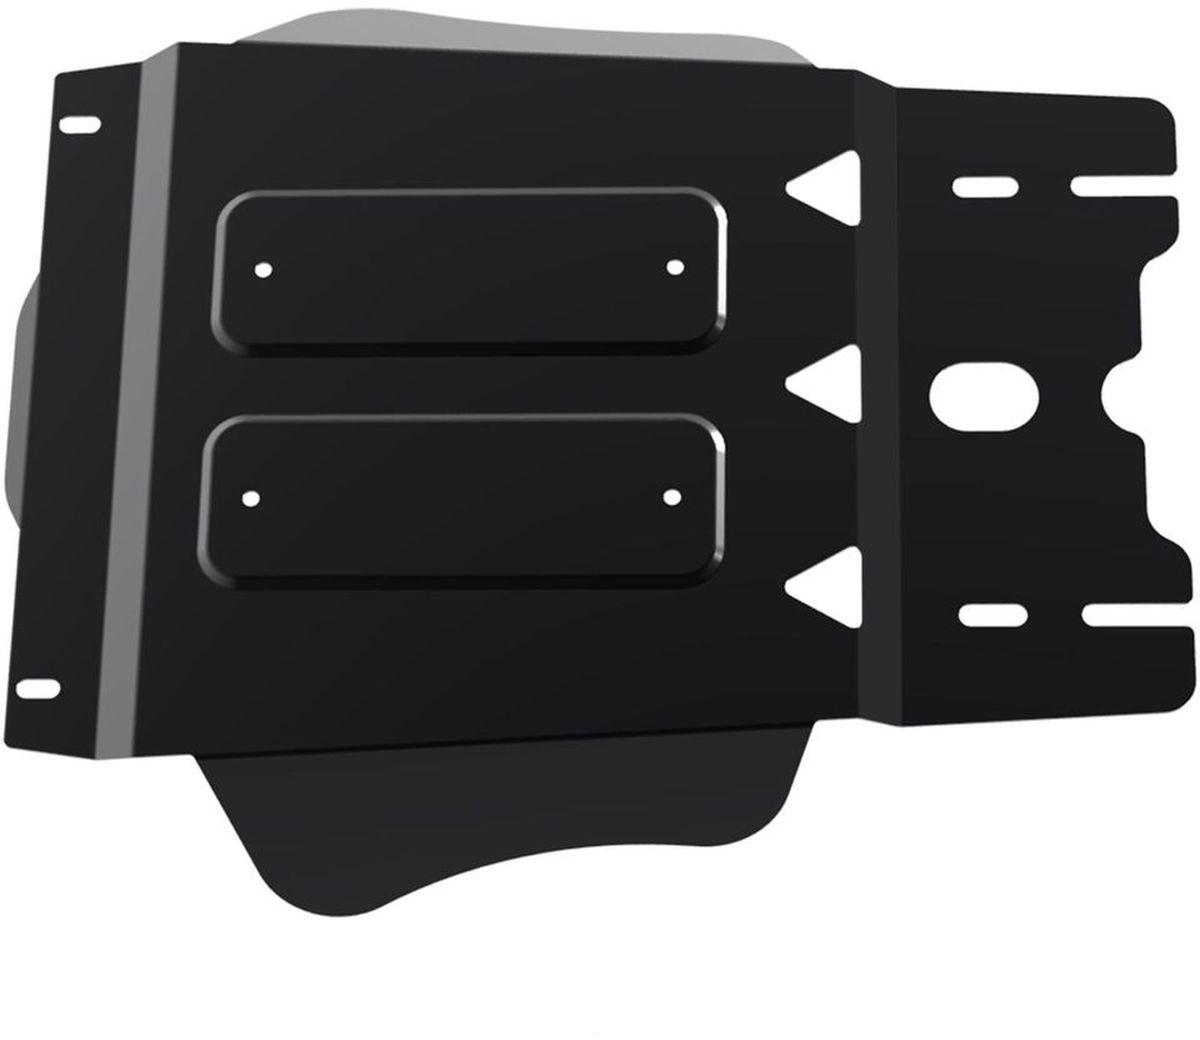 Защита КПП и РК Автоброня, для Kia Sportage V - 2,0 (1993-2004-)111.02826.1Технологически совершенный продукт за невысокую стоимость. Защита разработана с учетом особенностей днища автомобиля, что позволяет сохранить дорожный просвет с минимальным изменением. Защита устанавливается в штатные места кузова автомобиля. Глубокий штамп обеспечивает до двух раз больше жесткости в сравнении с обычной защитой той же толщины. Проштампованные ребра жесткости препятствуют деформации защиты при ударах. Тепловой зазор и вентиляционные отверстия обеспечивают сохранение температурного режима двигателя в норме. Скрытый крепеж предотвращает срыв крепежных элементов при наезде на препятствие. Шумопоглощающие резиновые элементы обеспечивают комфортную езду без вибраций и скрежета металла, а съемные лючки для слива масла и замены фильтра - экономию средств и время. Конструкция изделия не влияет на пассивную безопасность автомобиля (при ударе защита не воздействует на деформационные зоны кузова). Со штатным крепежом. В комплекте инструкция по установке....